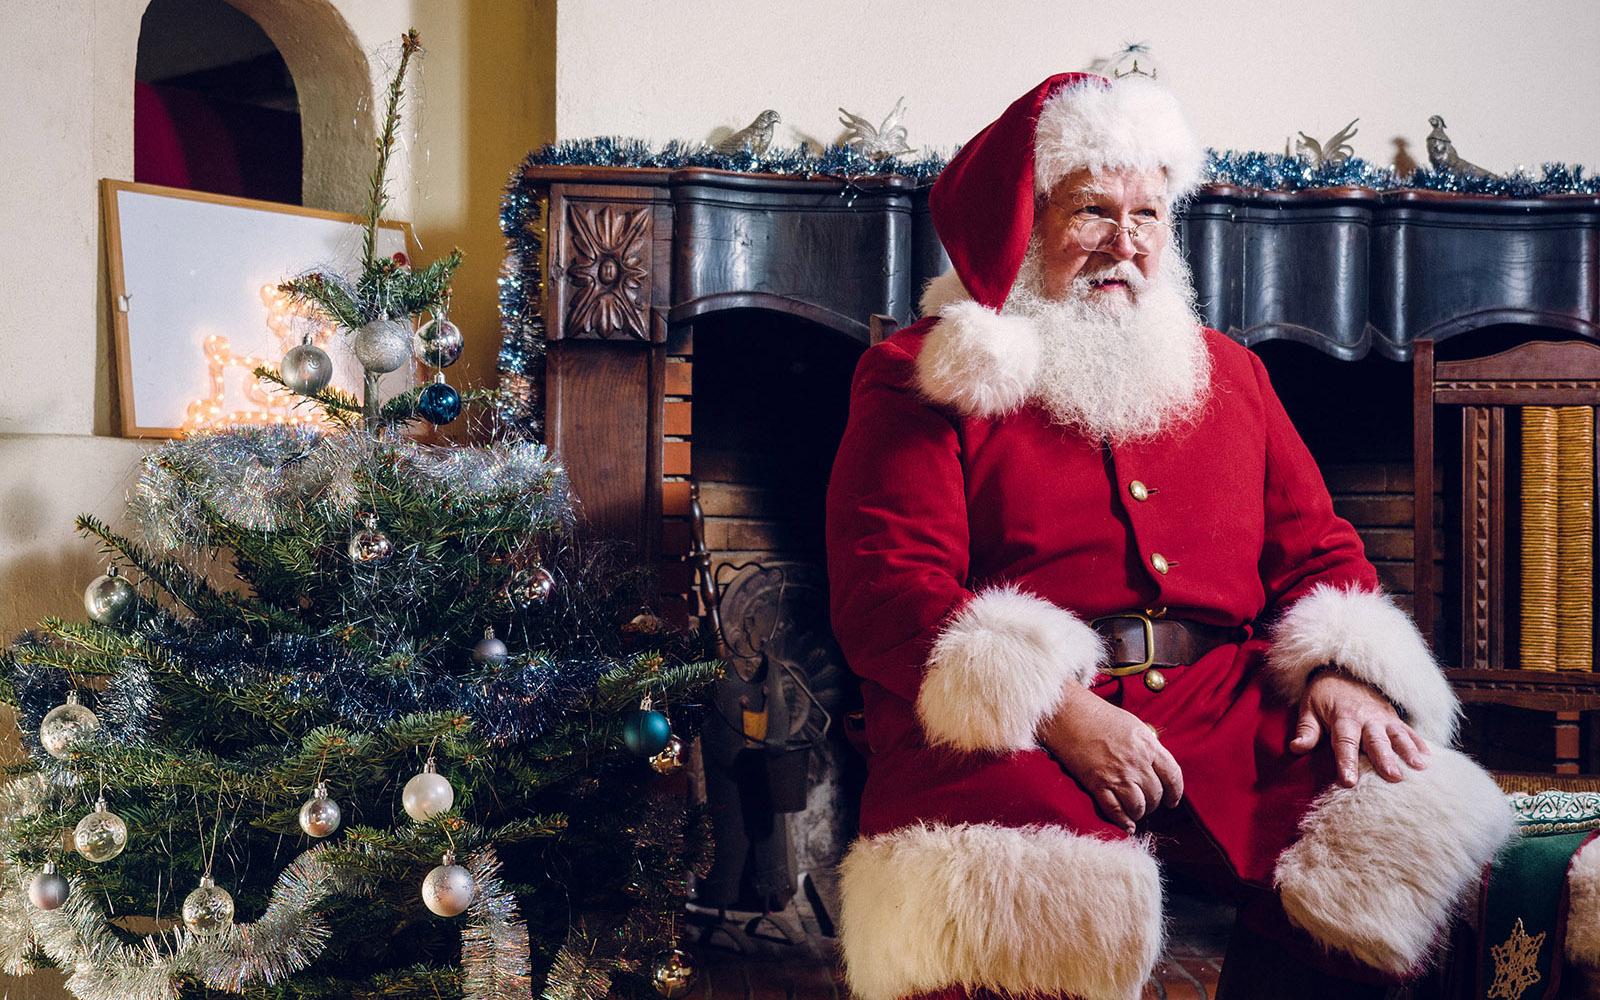 VIRTUAL CHRISTMAS GROTTO EXPERIENCE